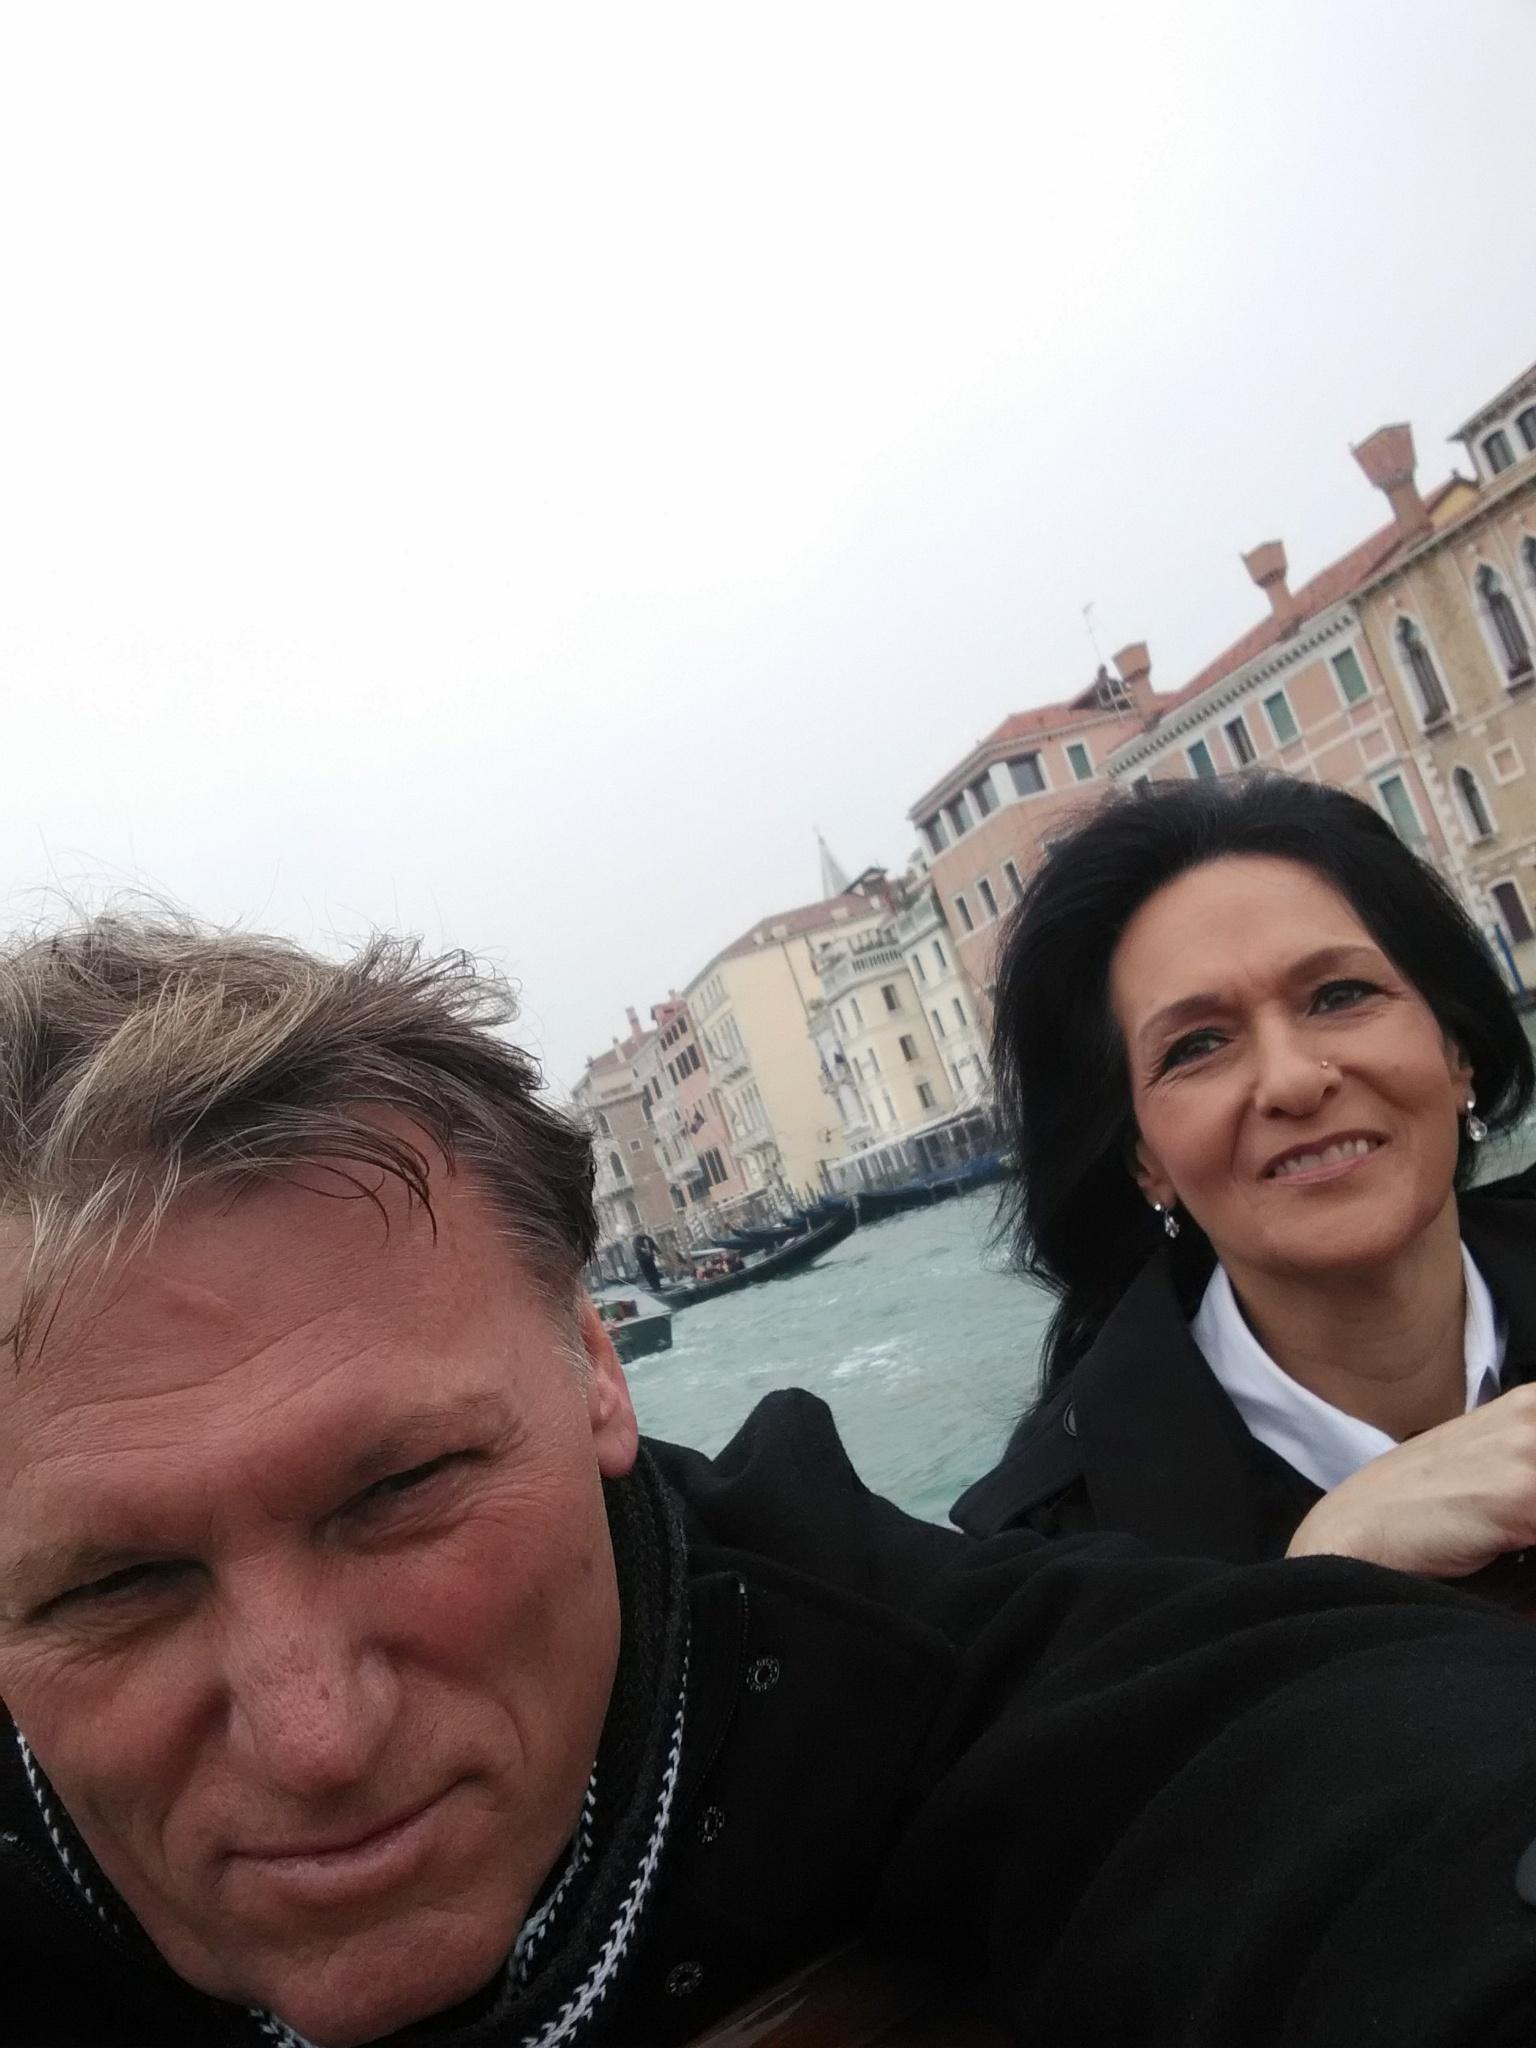 Venice Adventure by Lonfas2